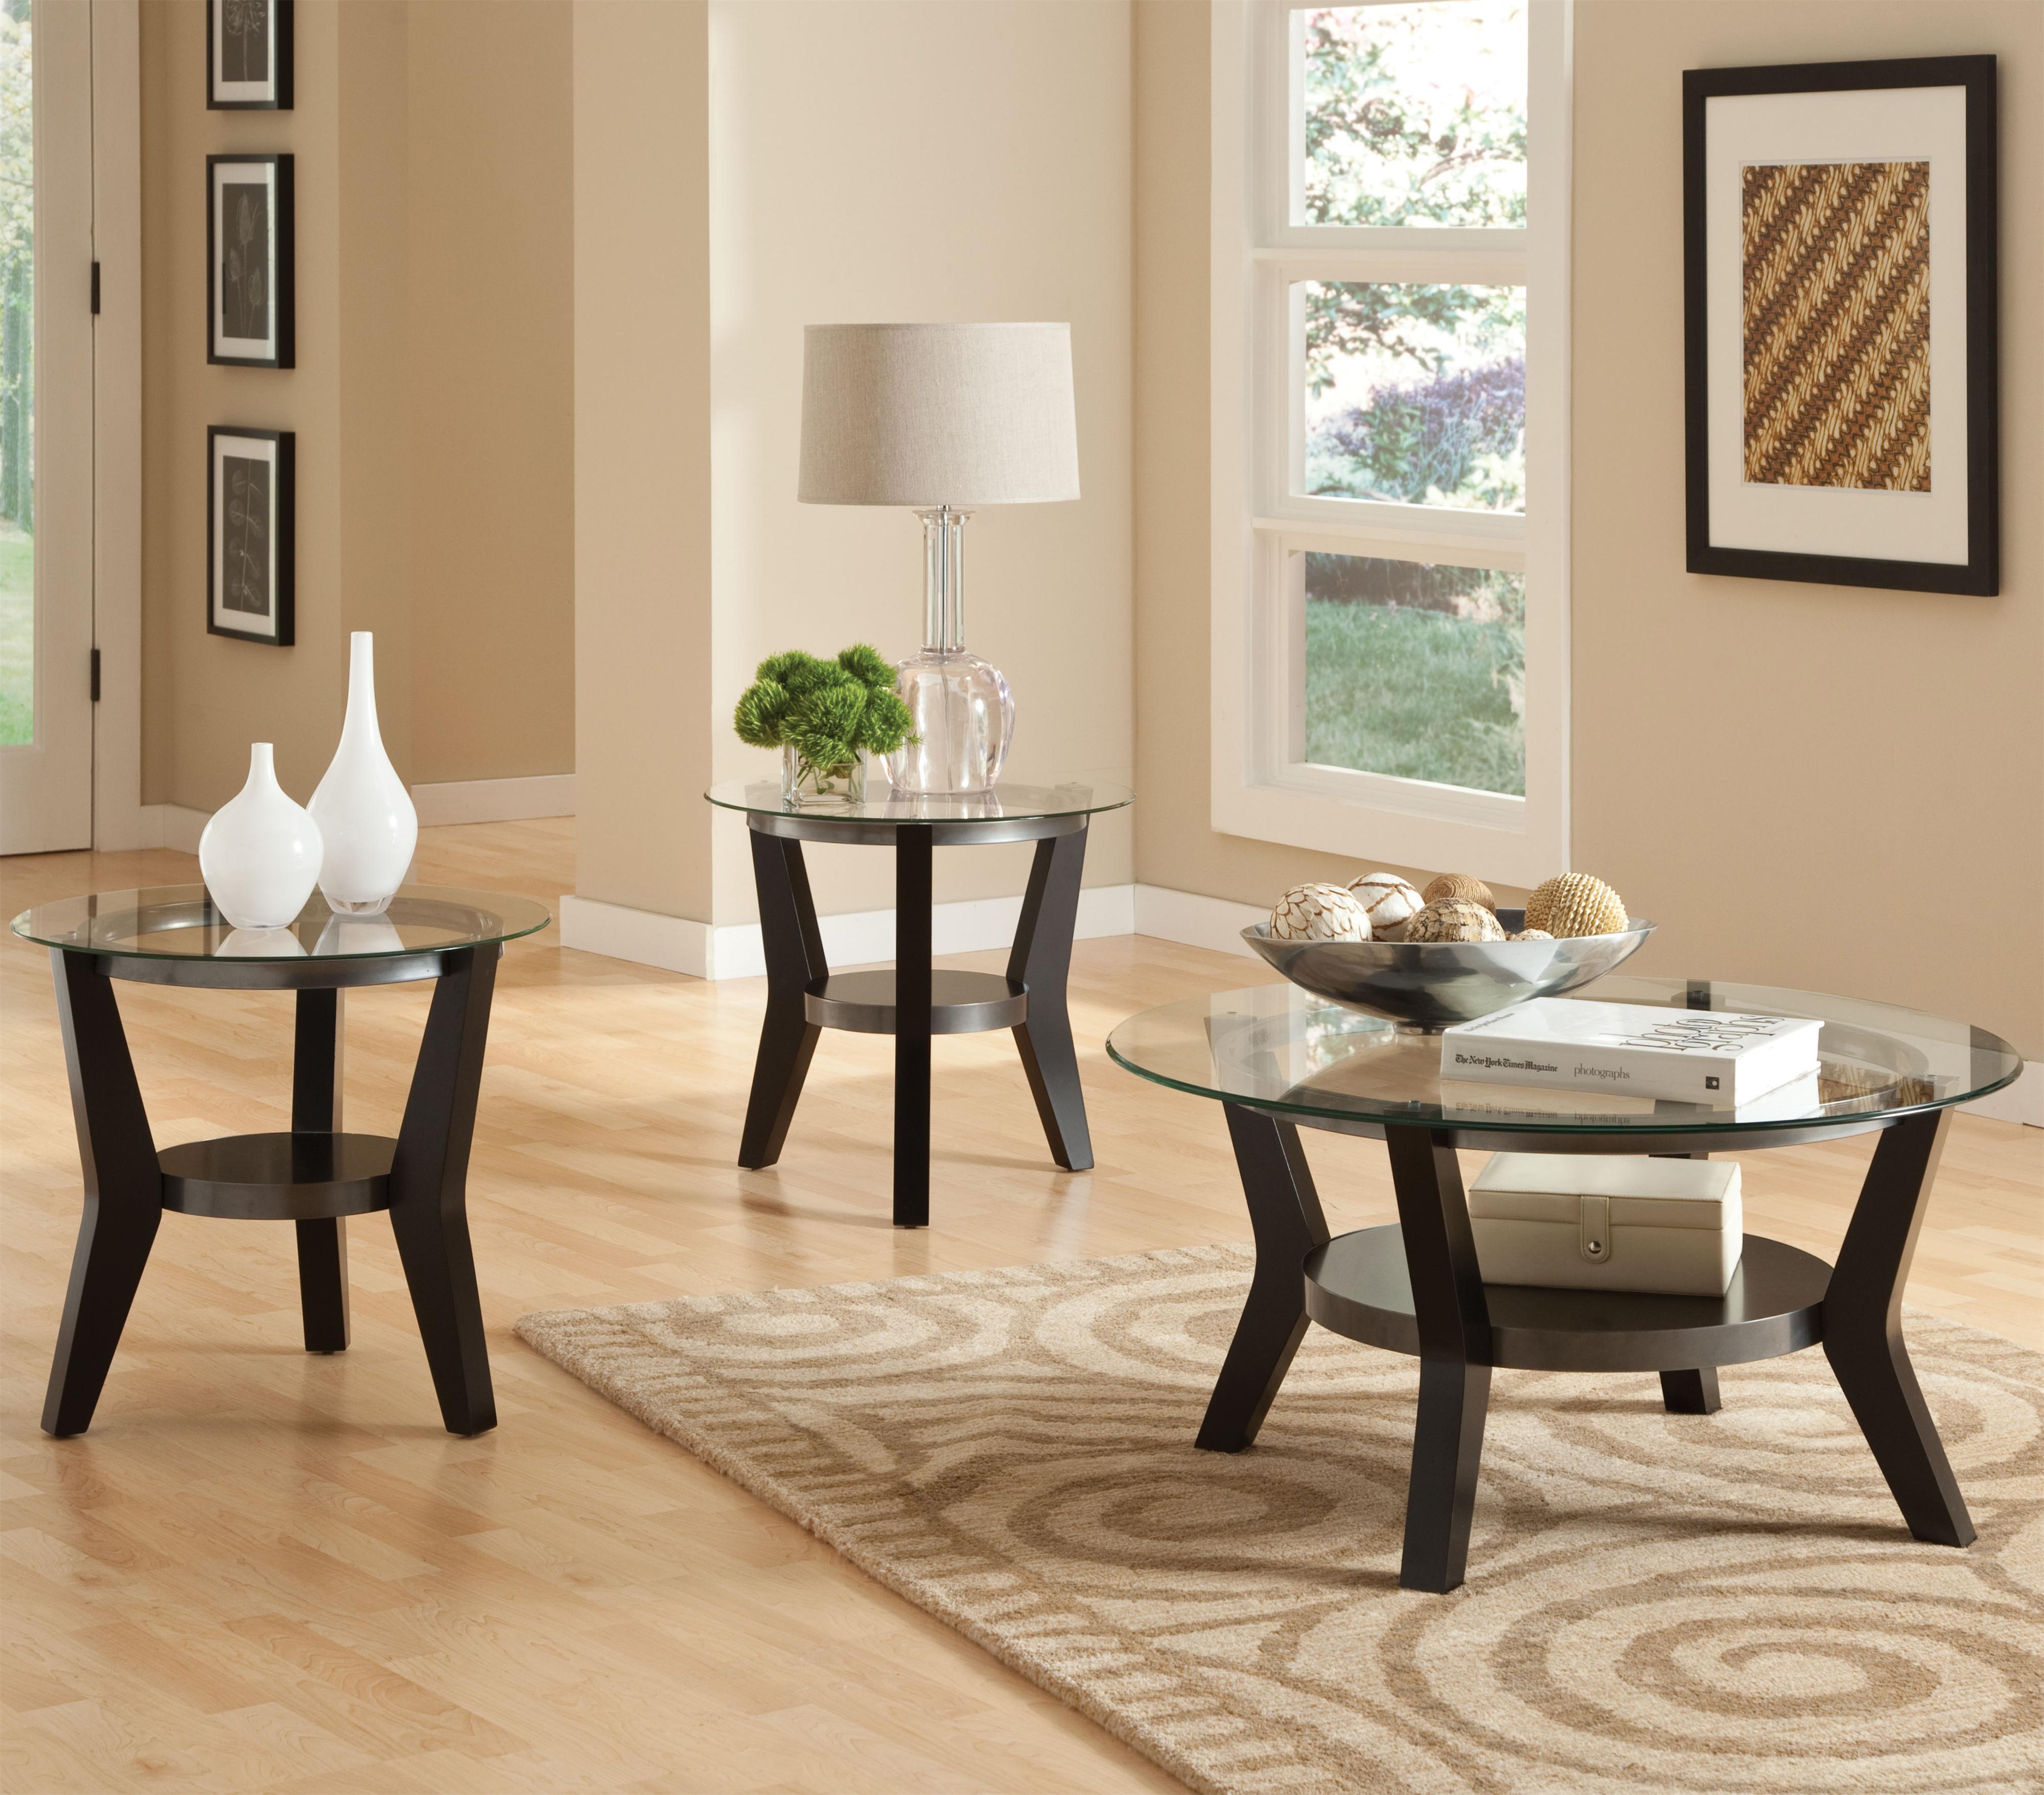 Standard Furniture Orbit 3-Pack Table Set - Item Number: 21953